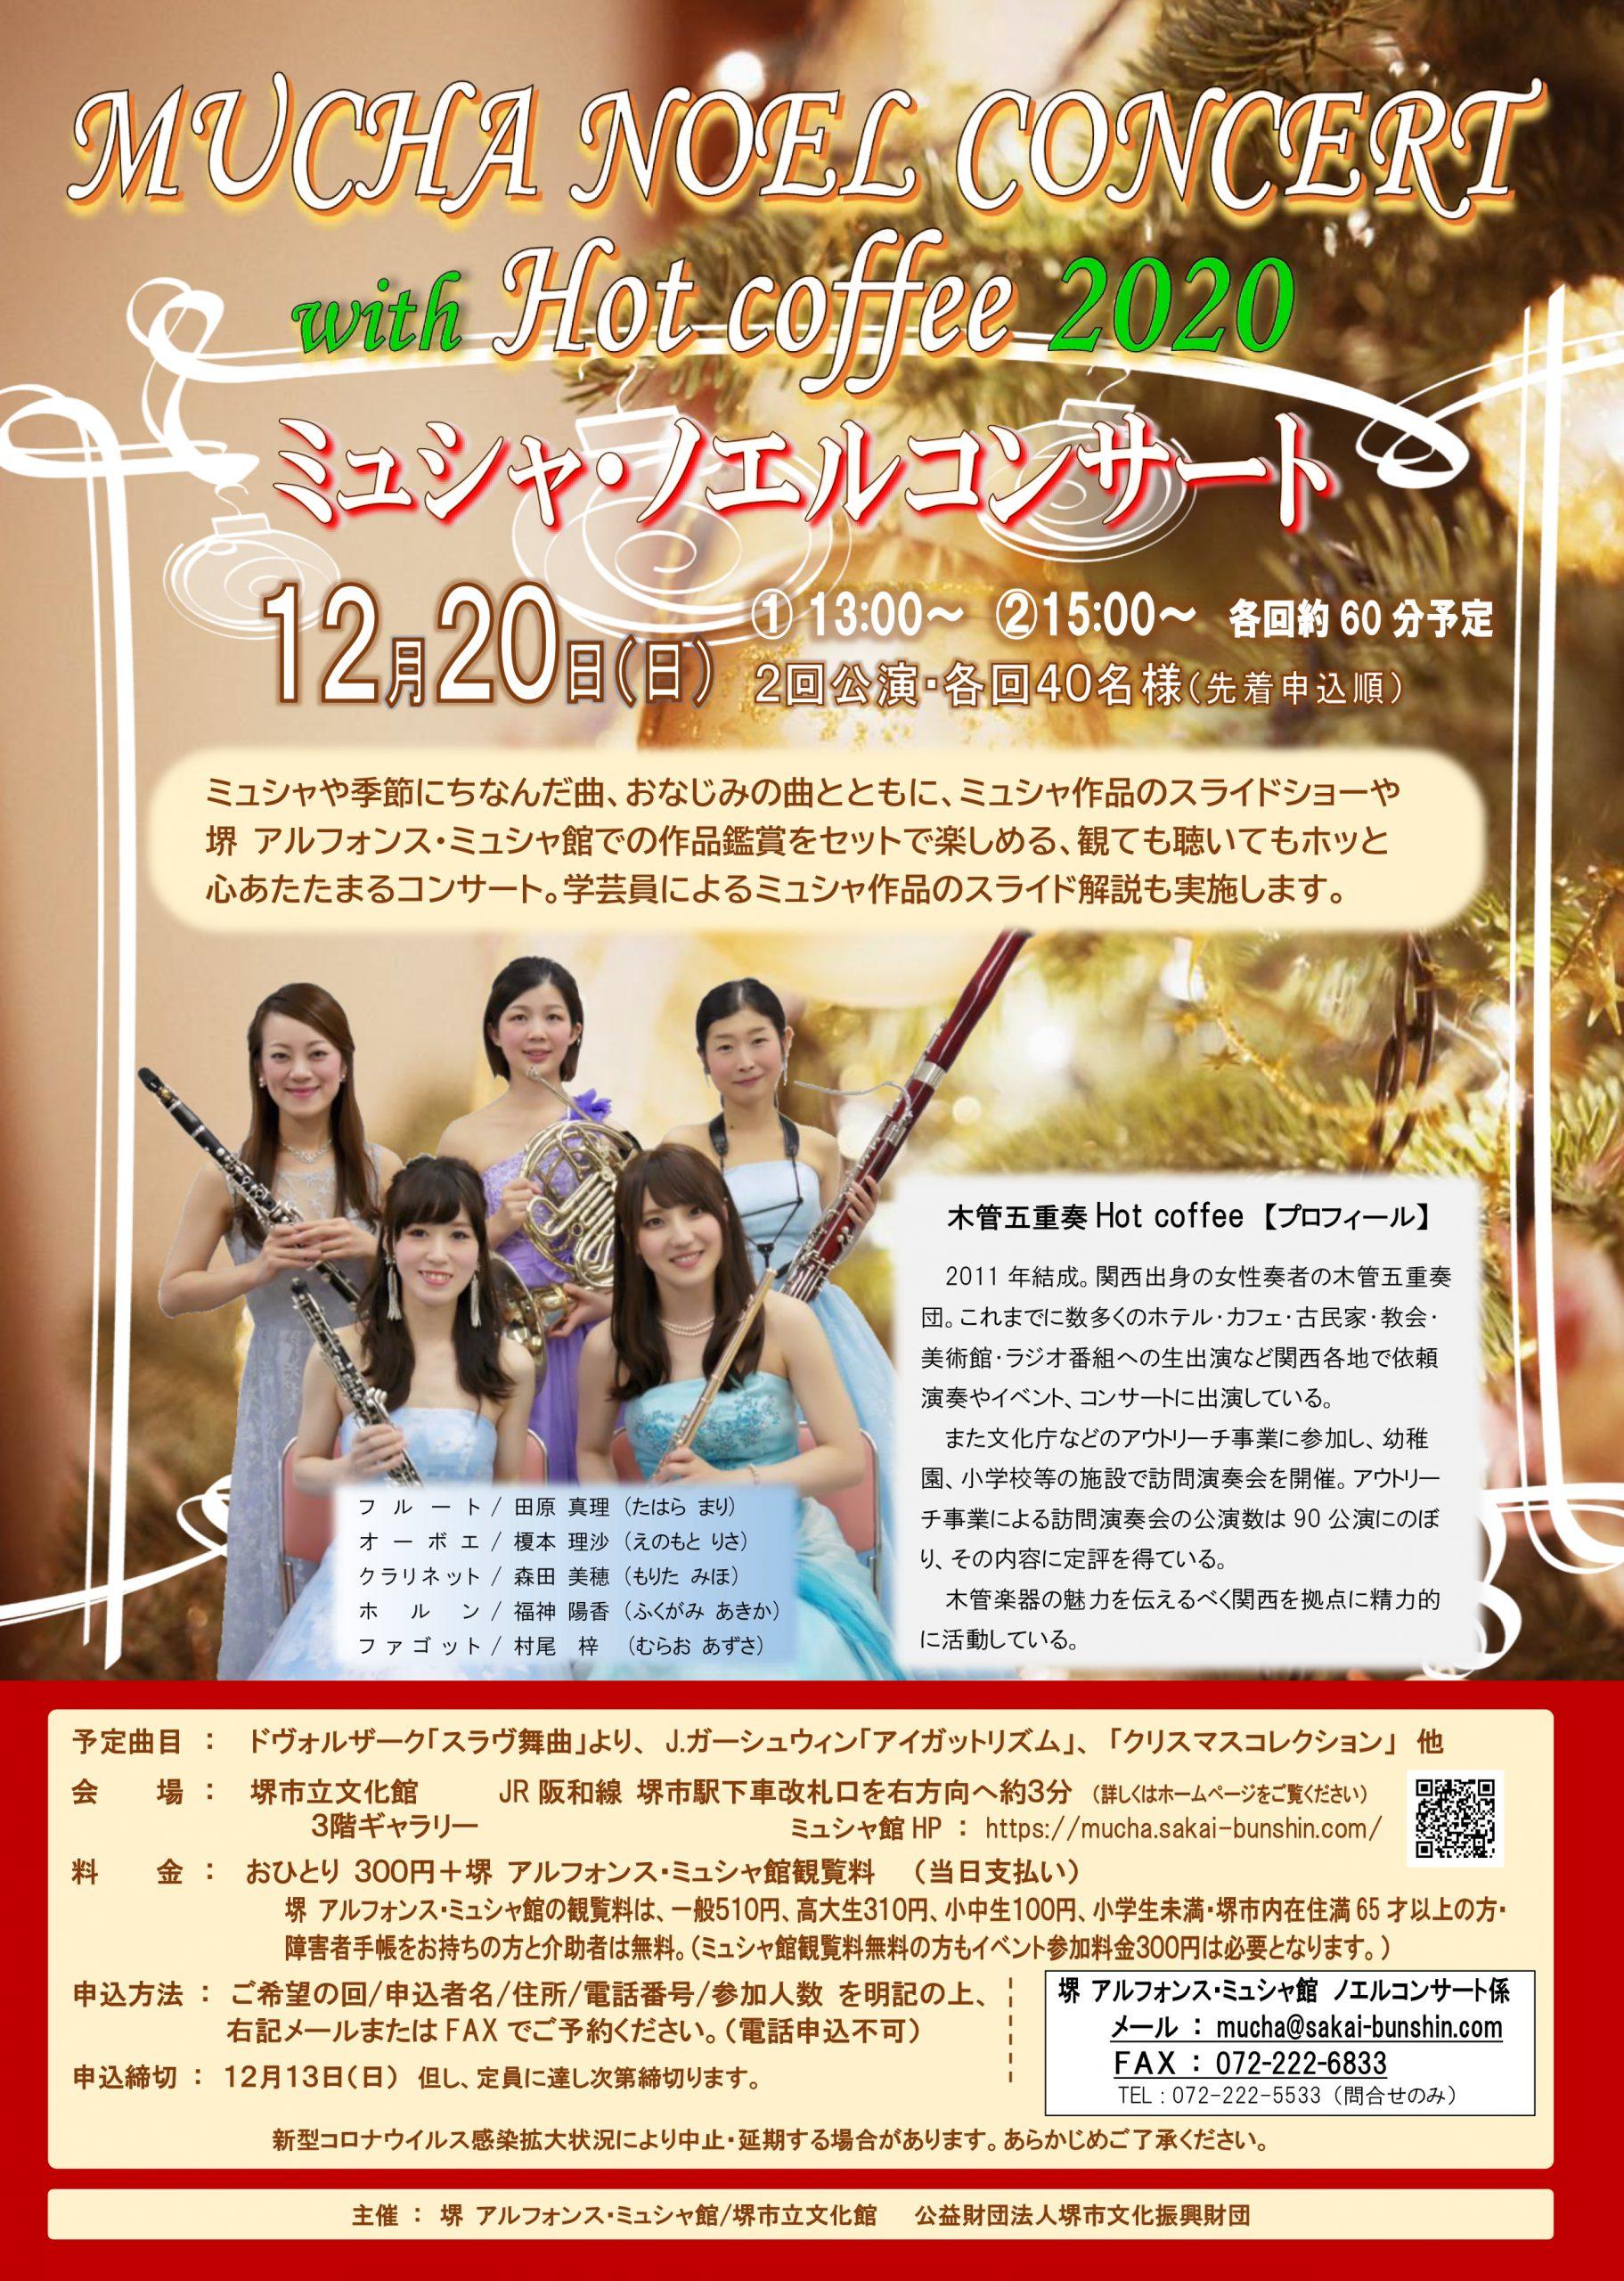 ミュシャ・ノエルコンサート with Hot coffee 2020